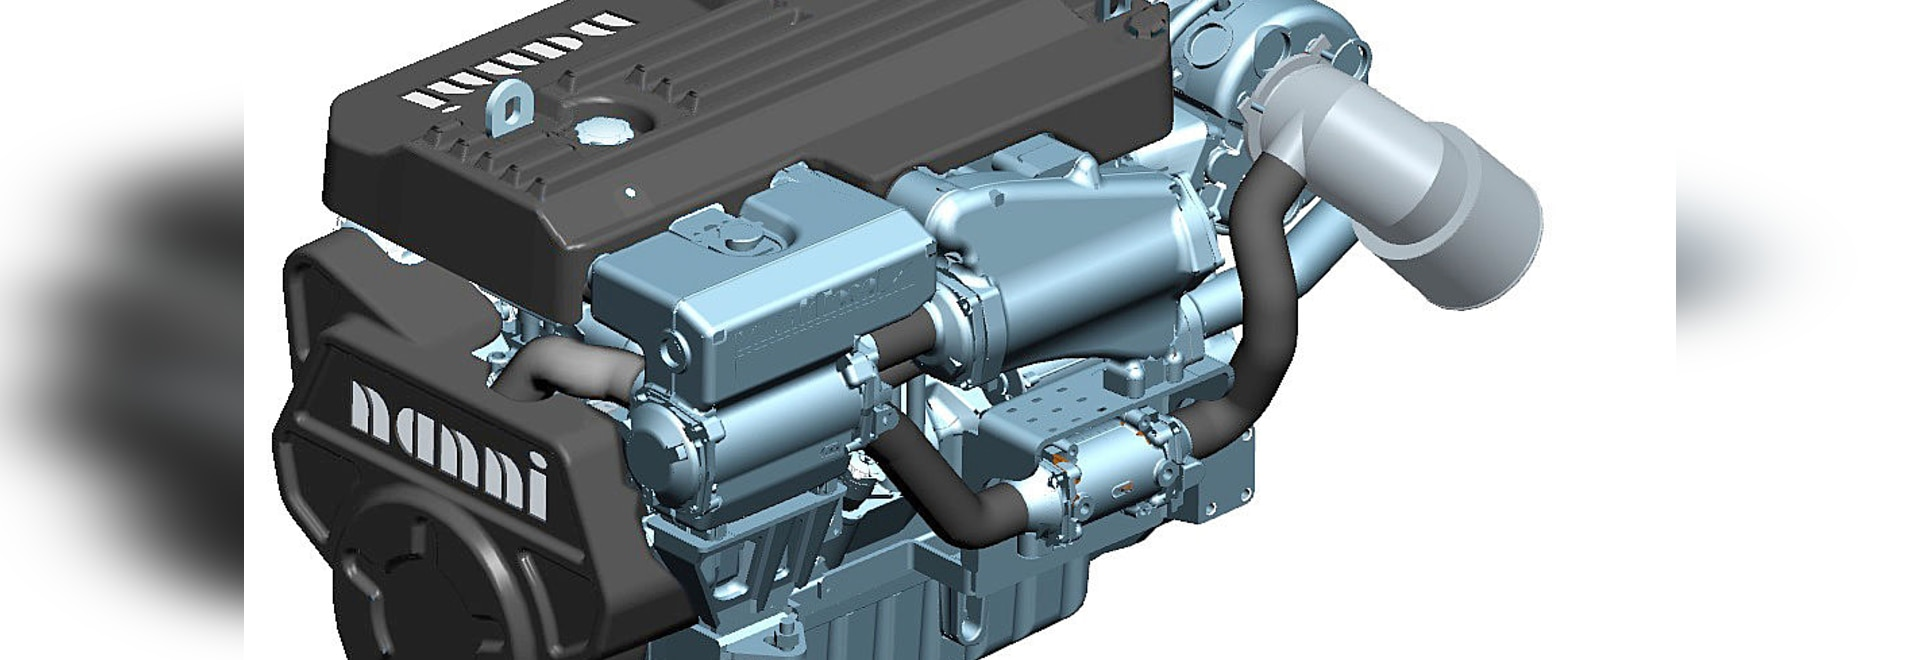 Le nuove serie d'argento del motore N9.600 di NANNI alla barca di Düsseldorf mostrano!